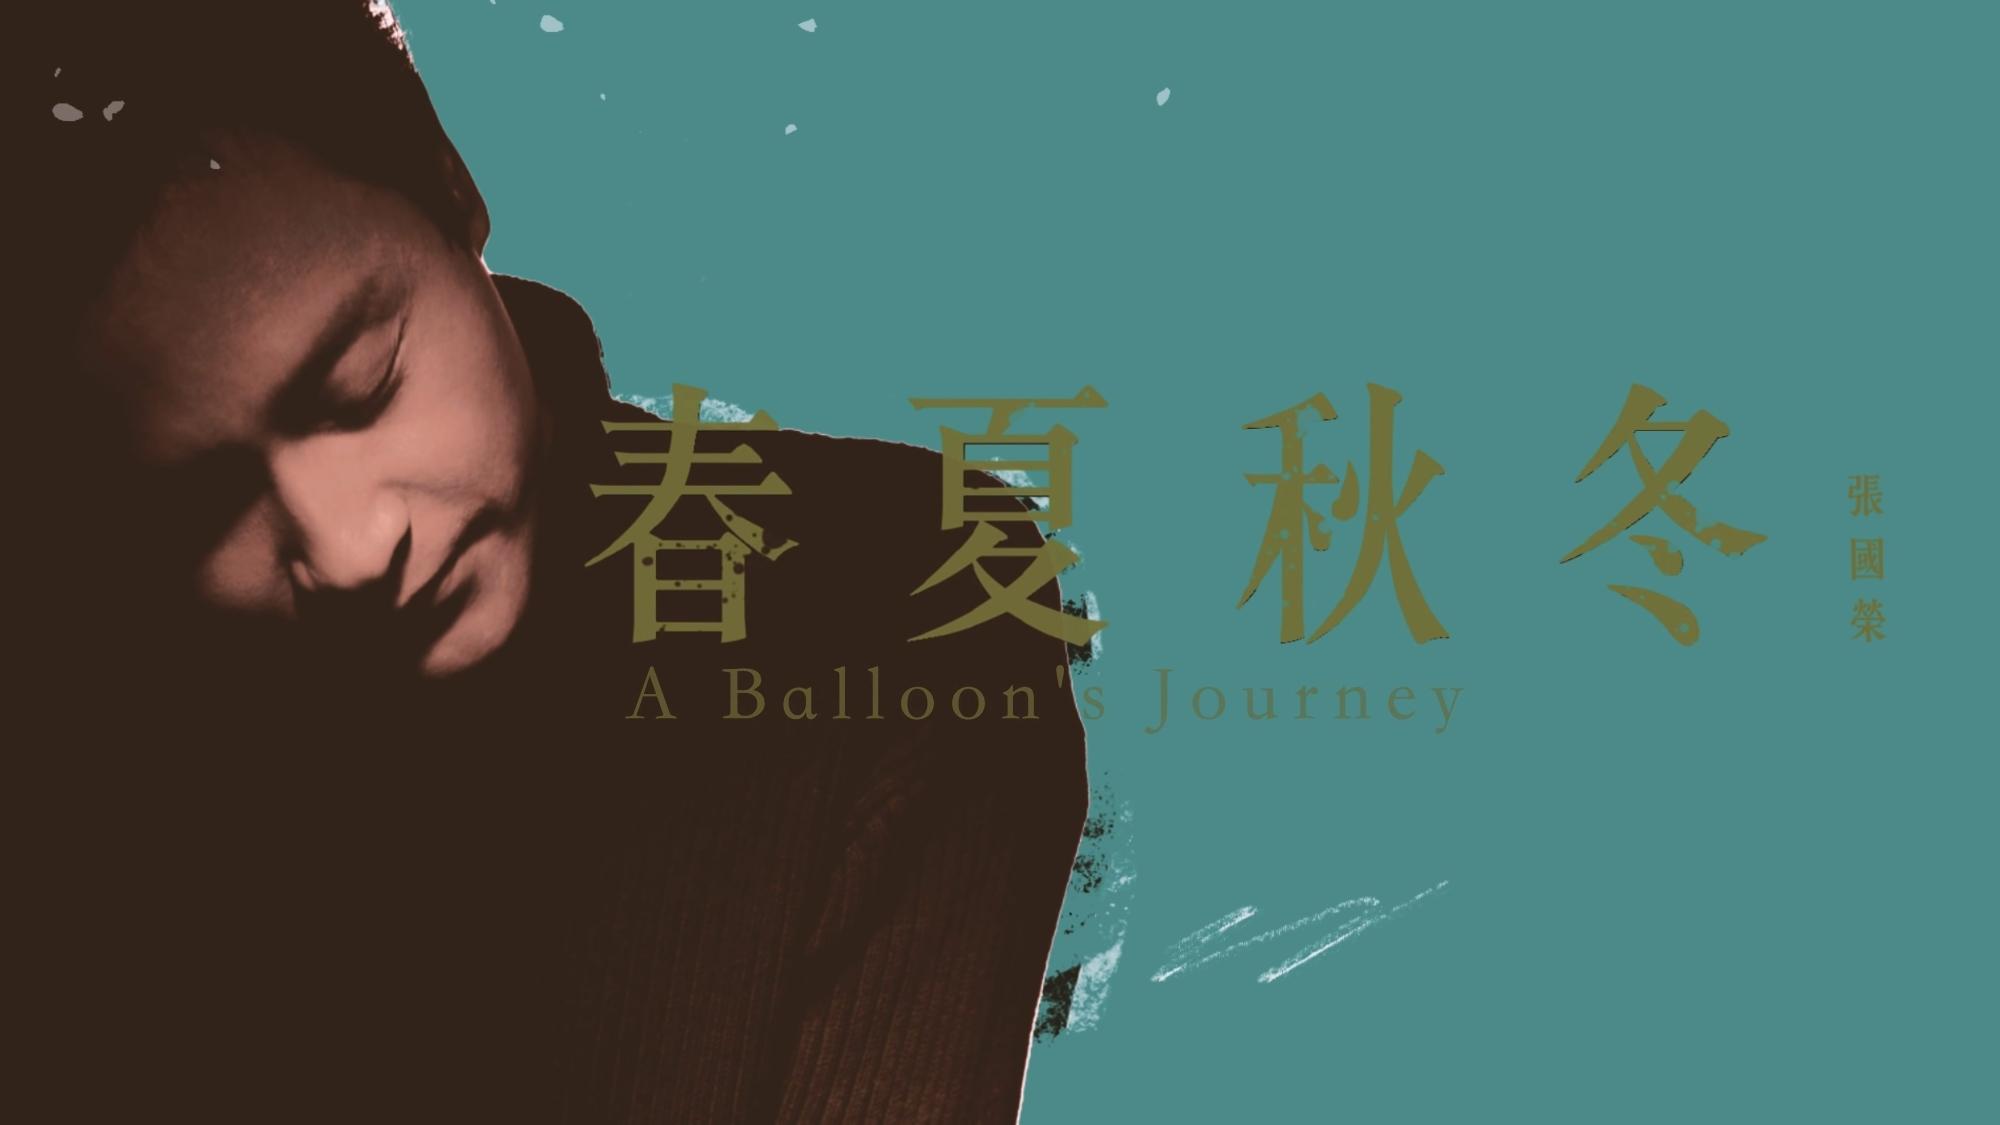 張國榮 Leslie Cheung -《春夏秋冬 A Balloon's Journey》